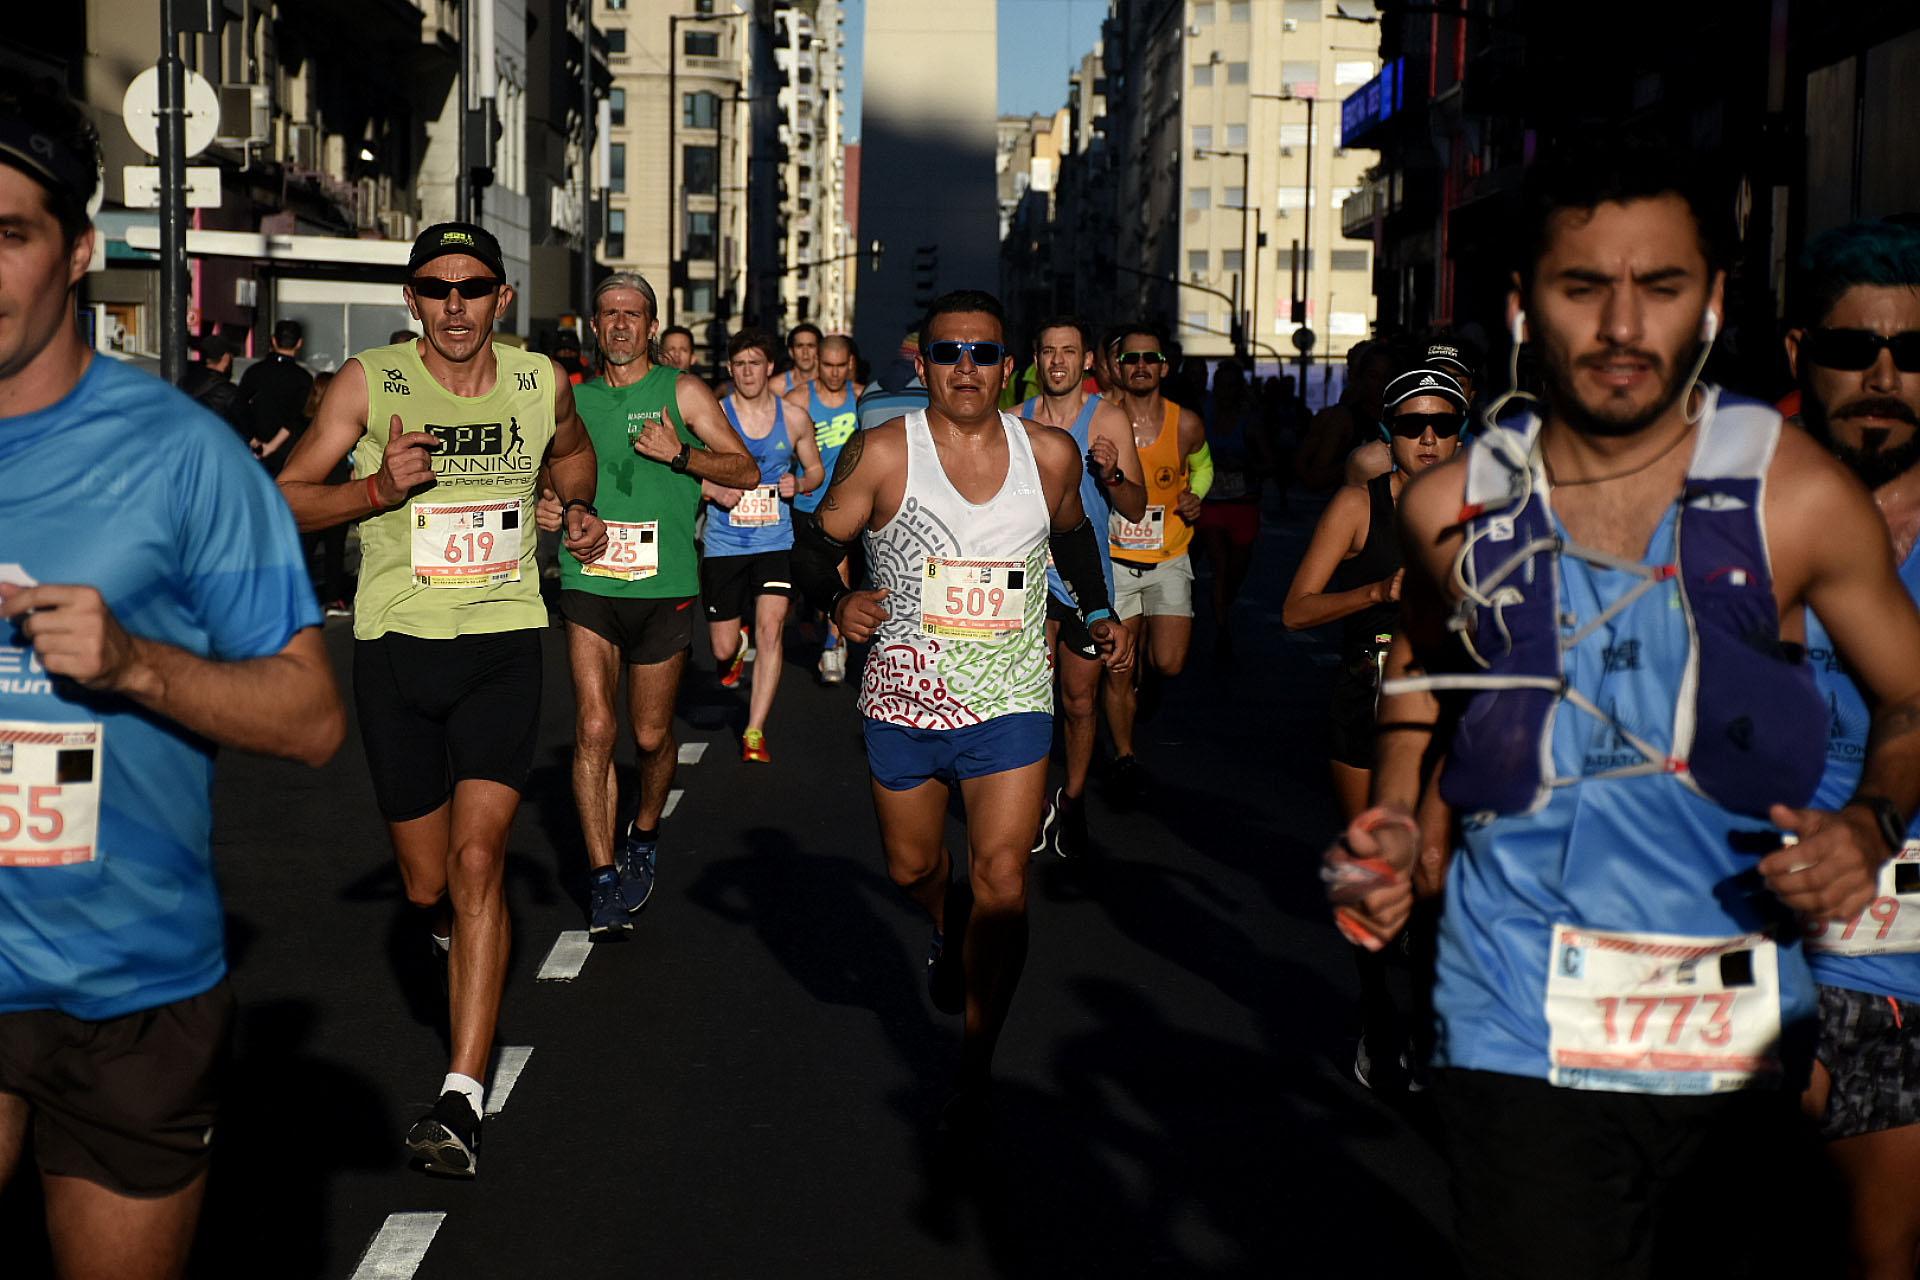 El obelisco de fondo, una postal clásica de la maratón de Buenos Aires